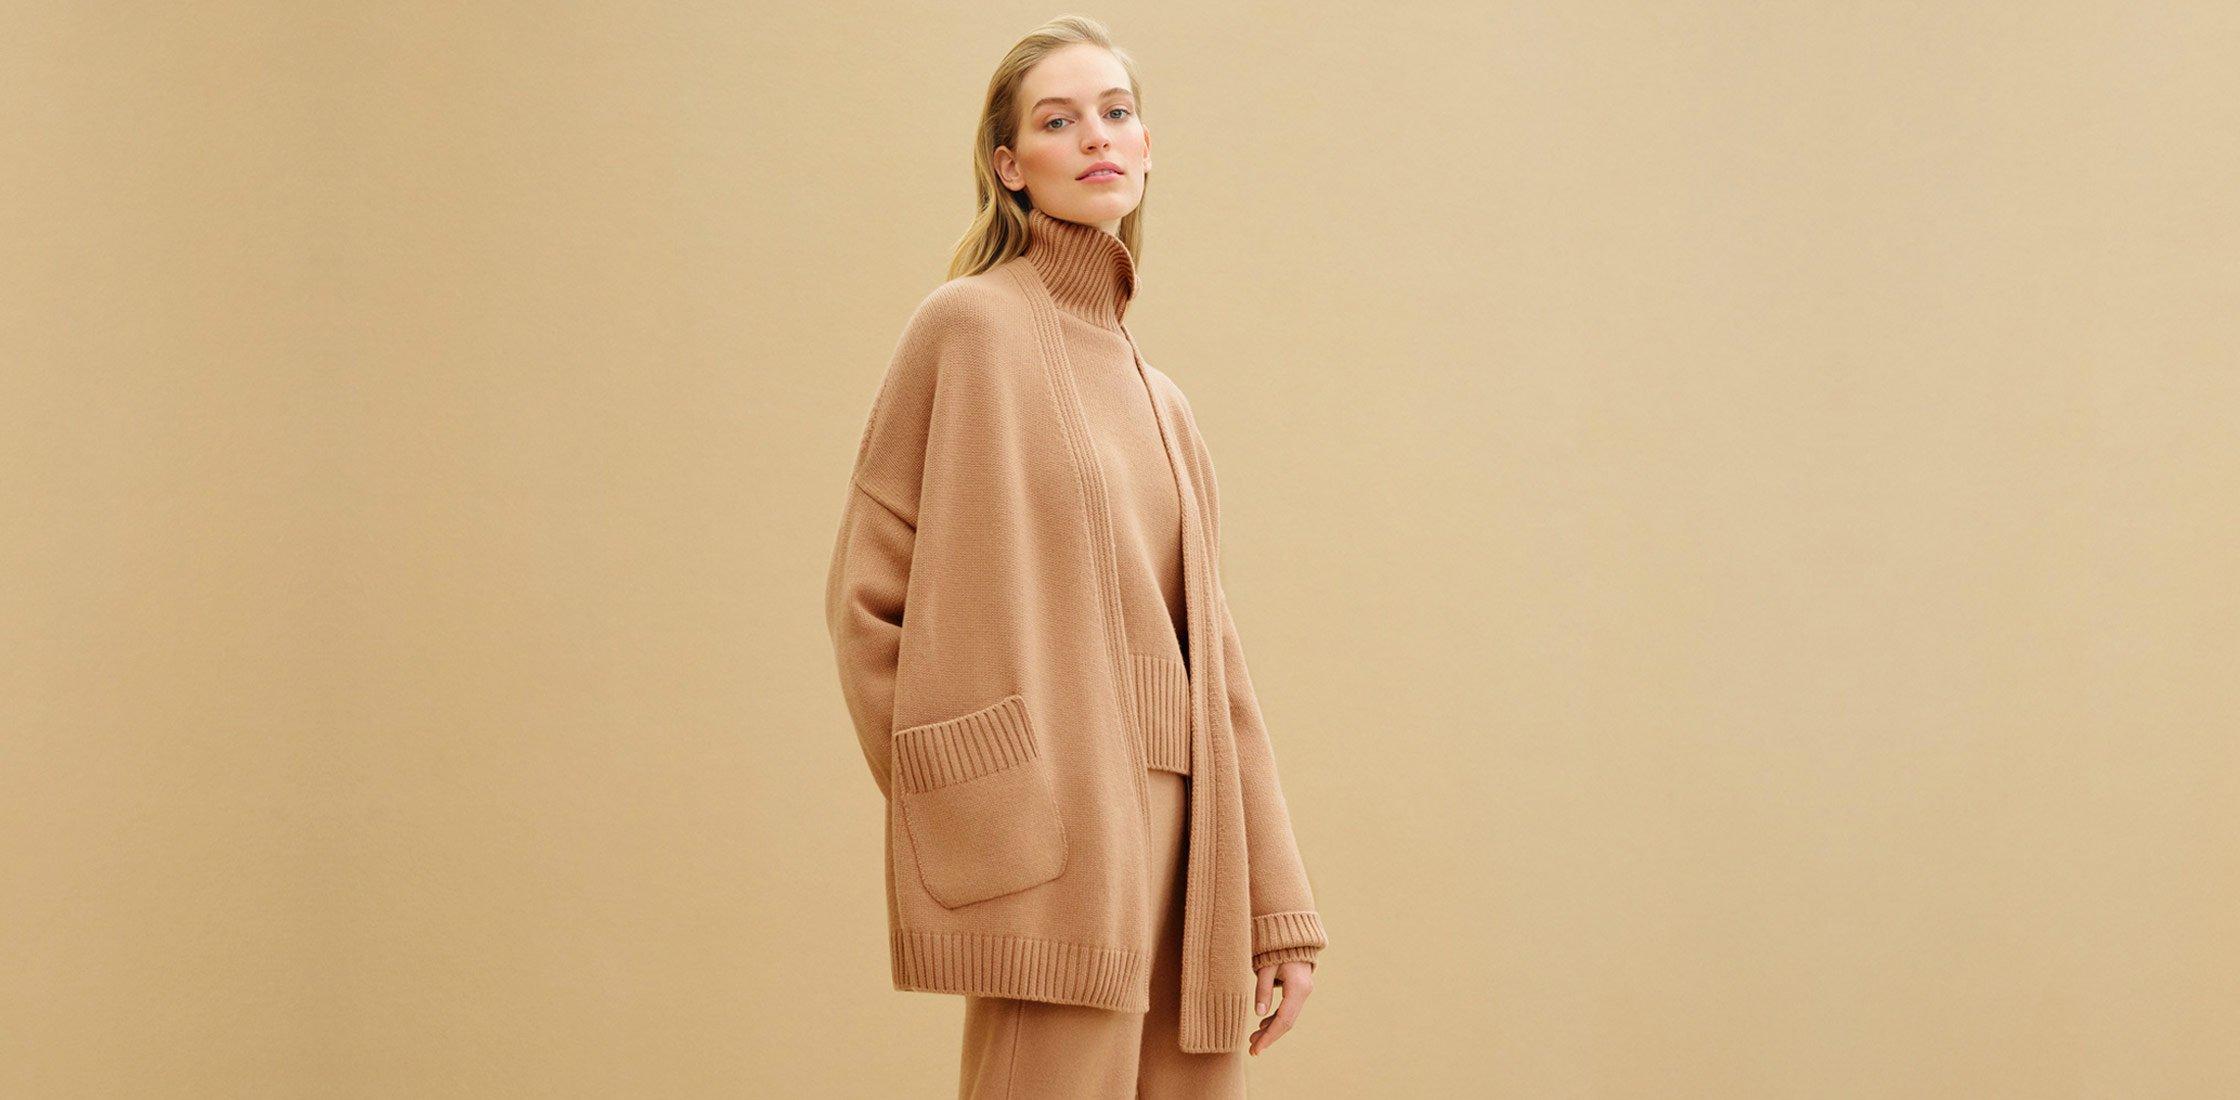 Осенний гардероб: кардиганы и свитеры